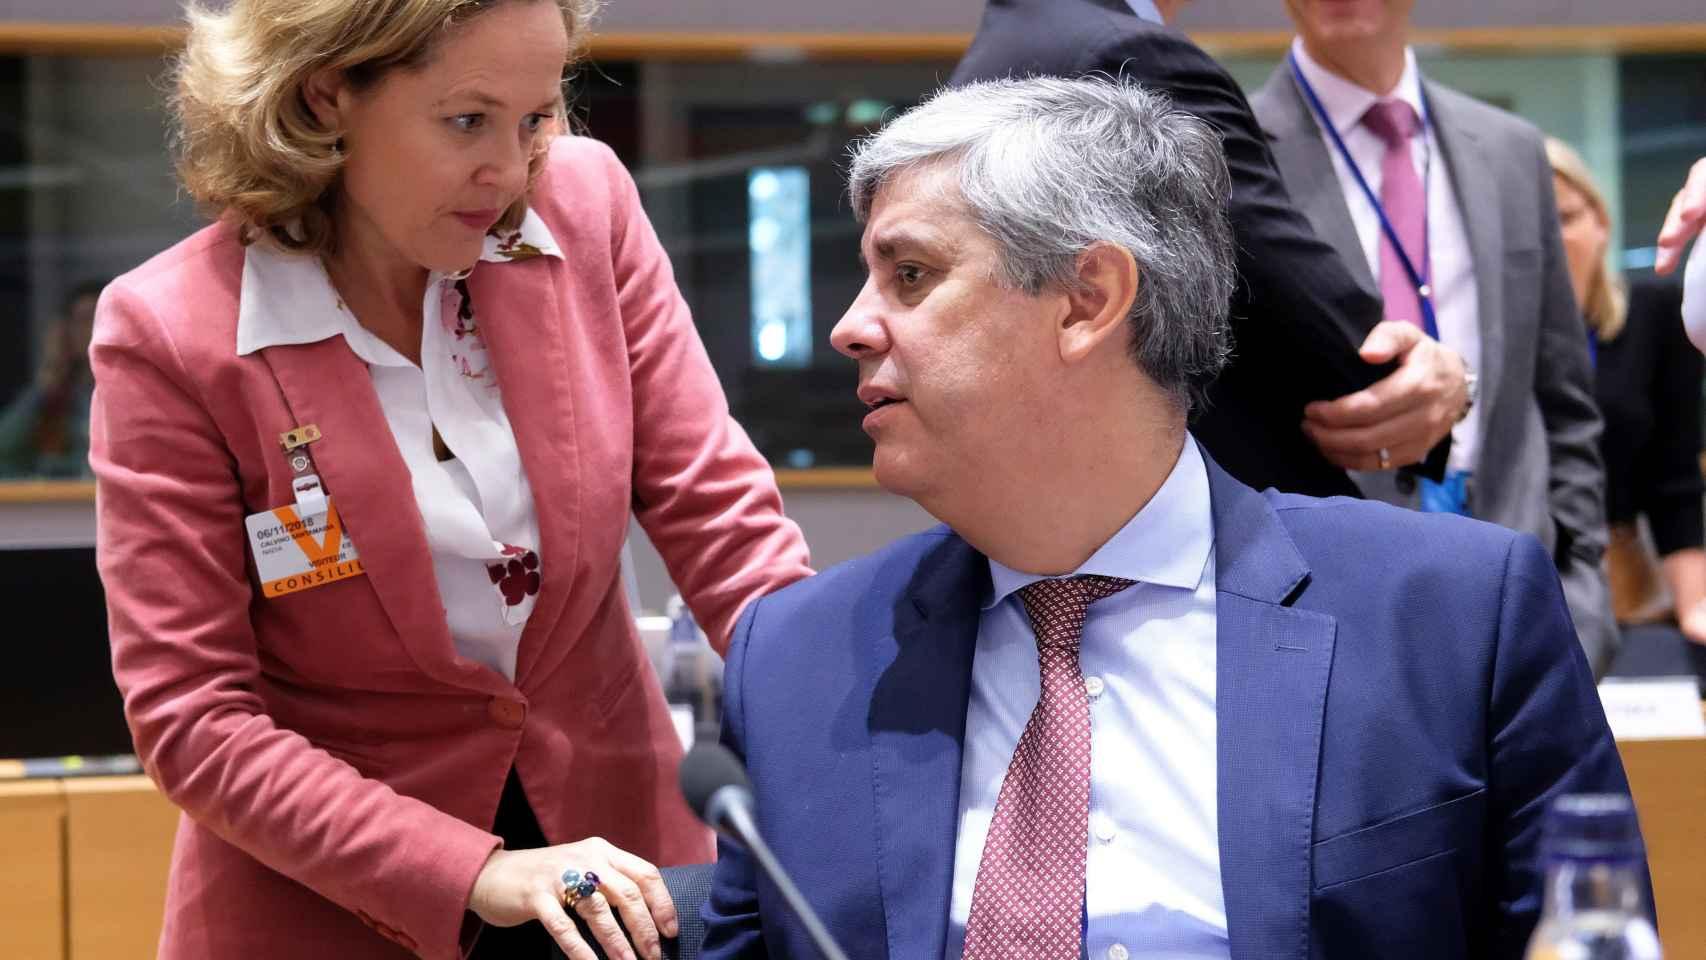 La ministra Calviño conversa con su homólogo portugués durante el Ecofin